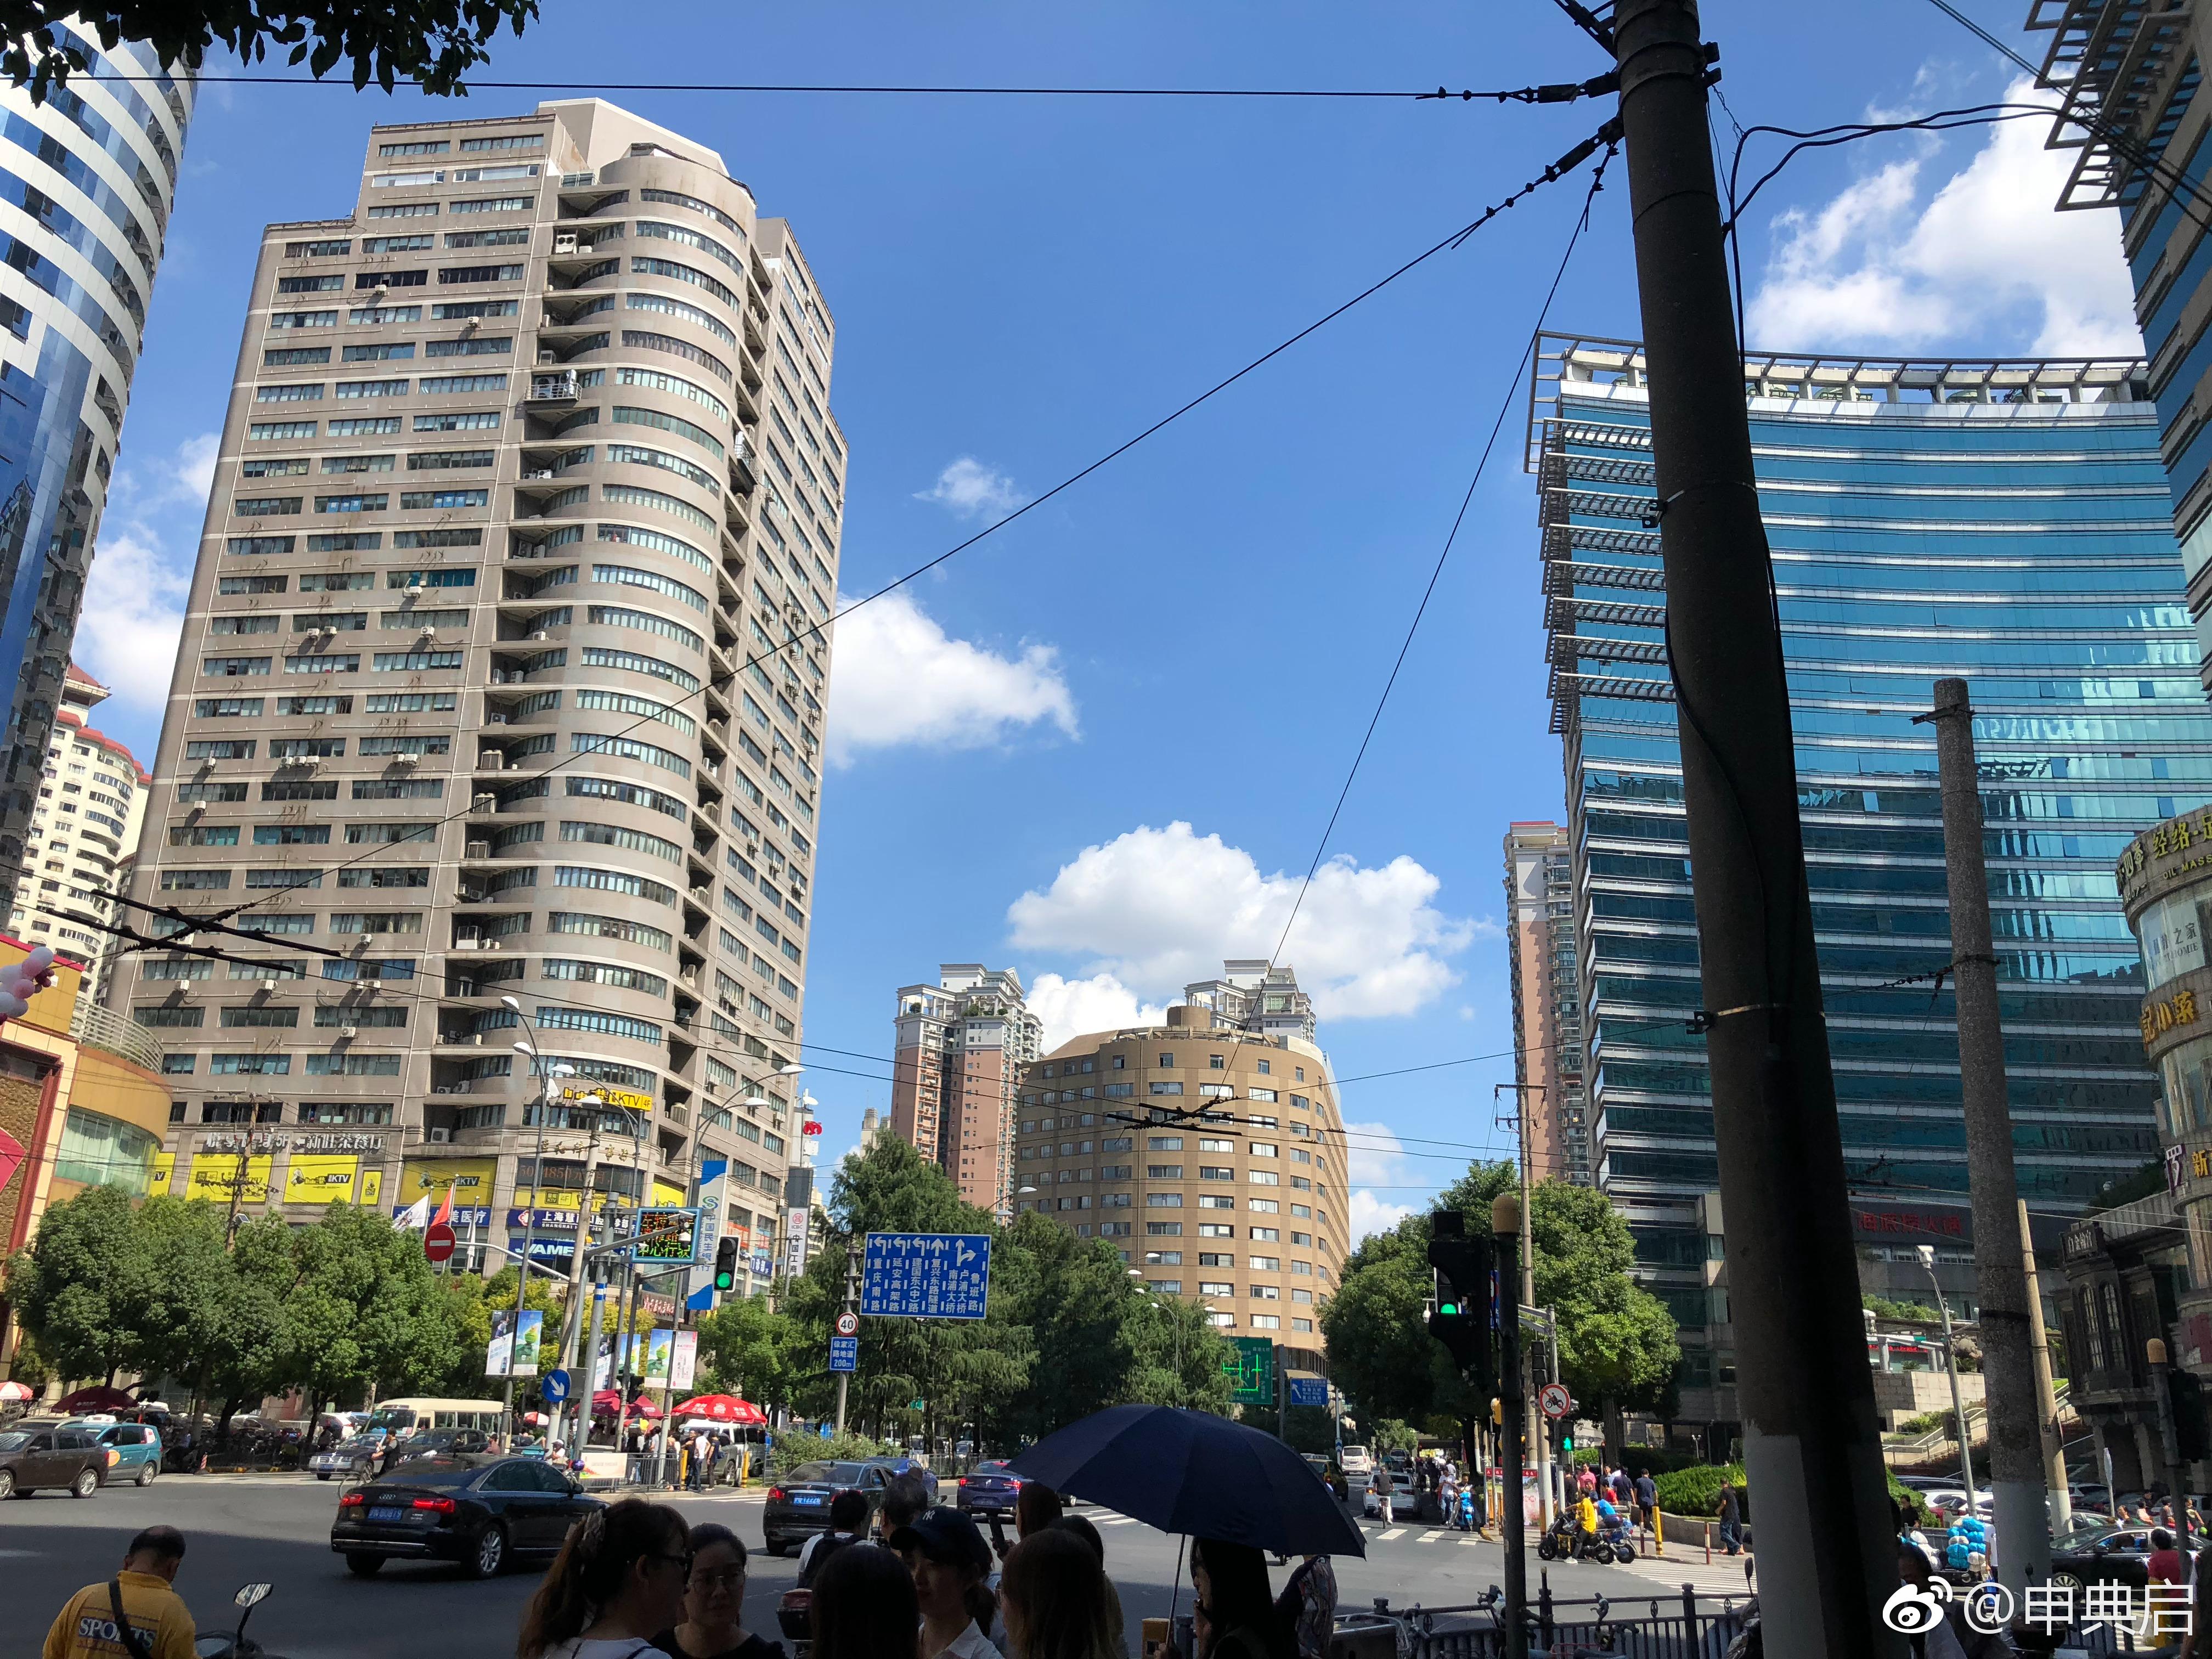 上海今日艳阳天,我下午拜访了一个很多人眼中的成功人士王先生 一本道 第1张